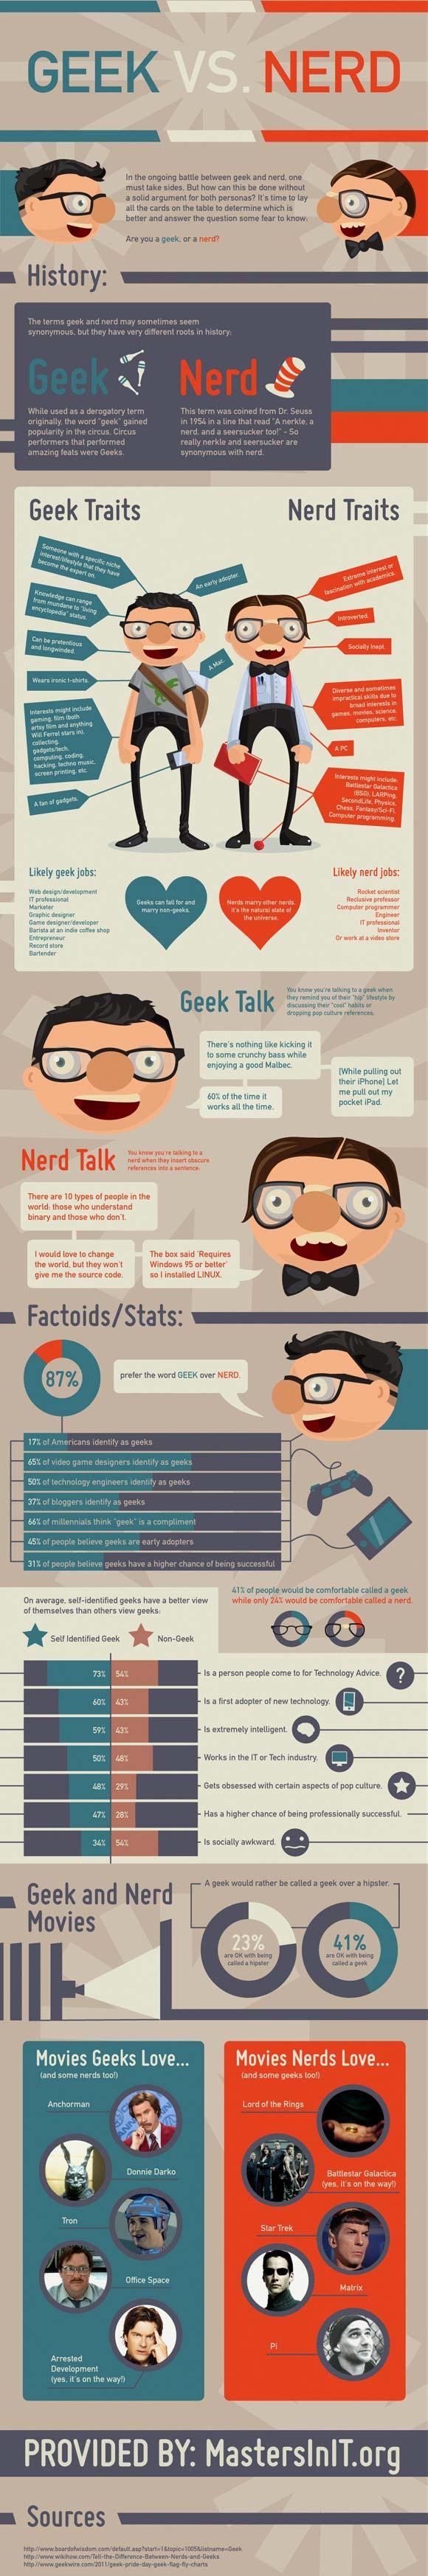 geek-oder-nerd